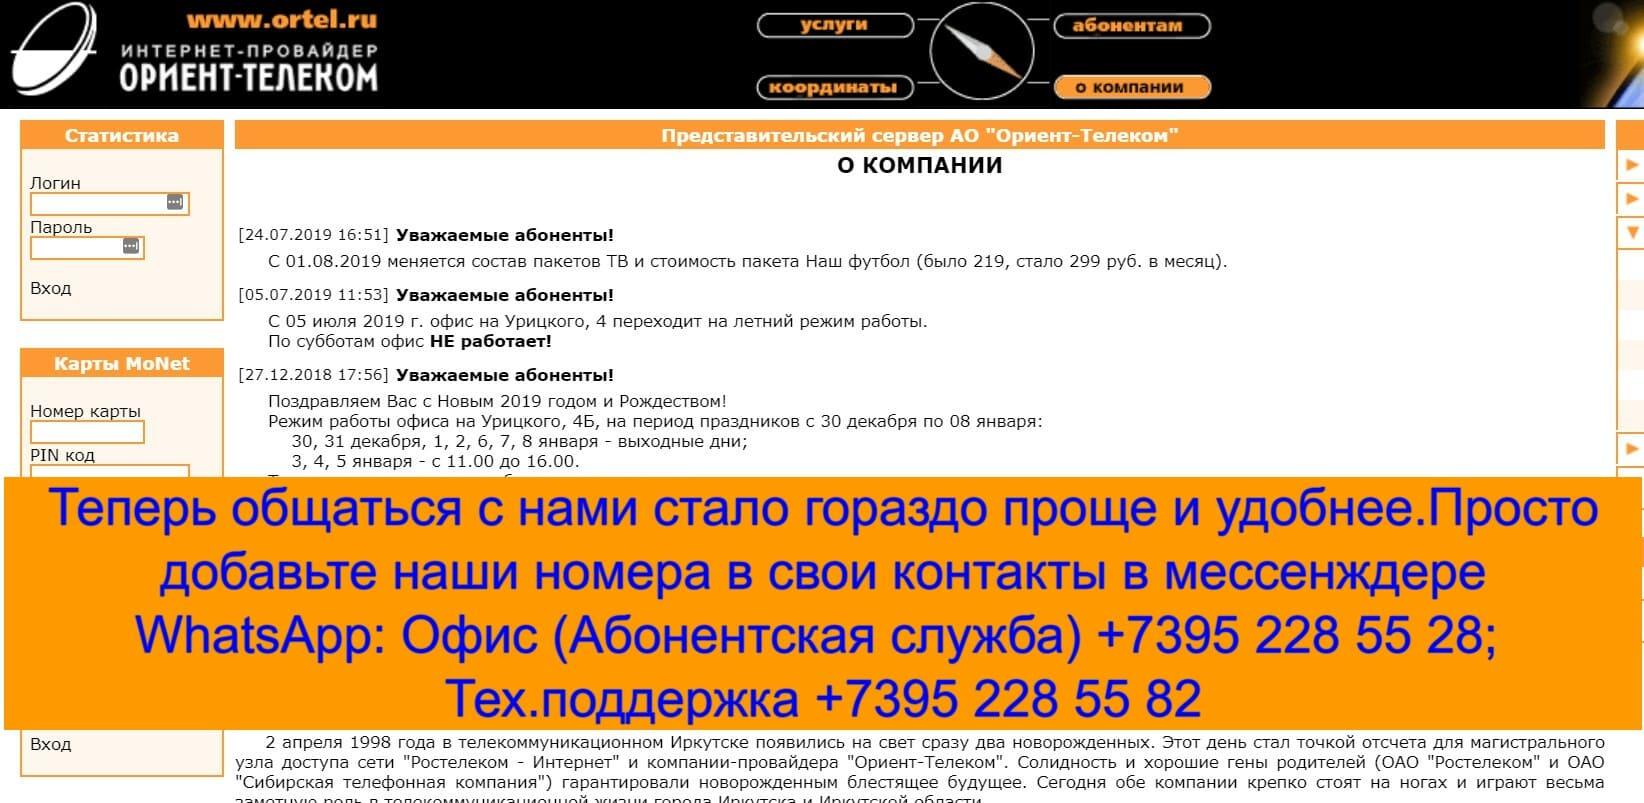 Ориент телеком Иркутскс личный кабинет